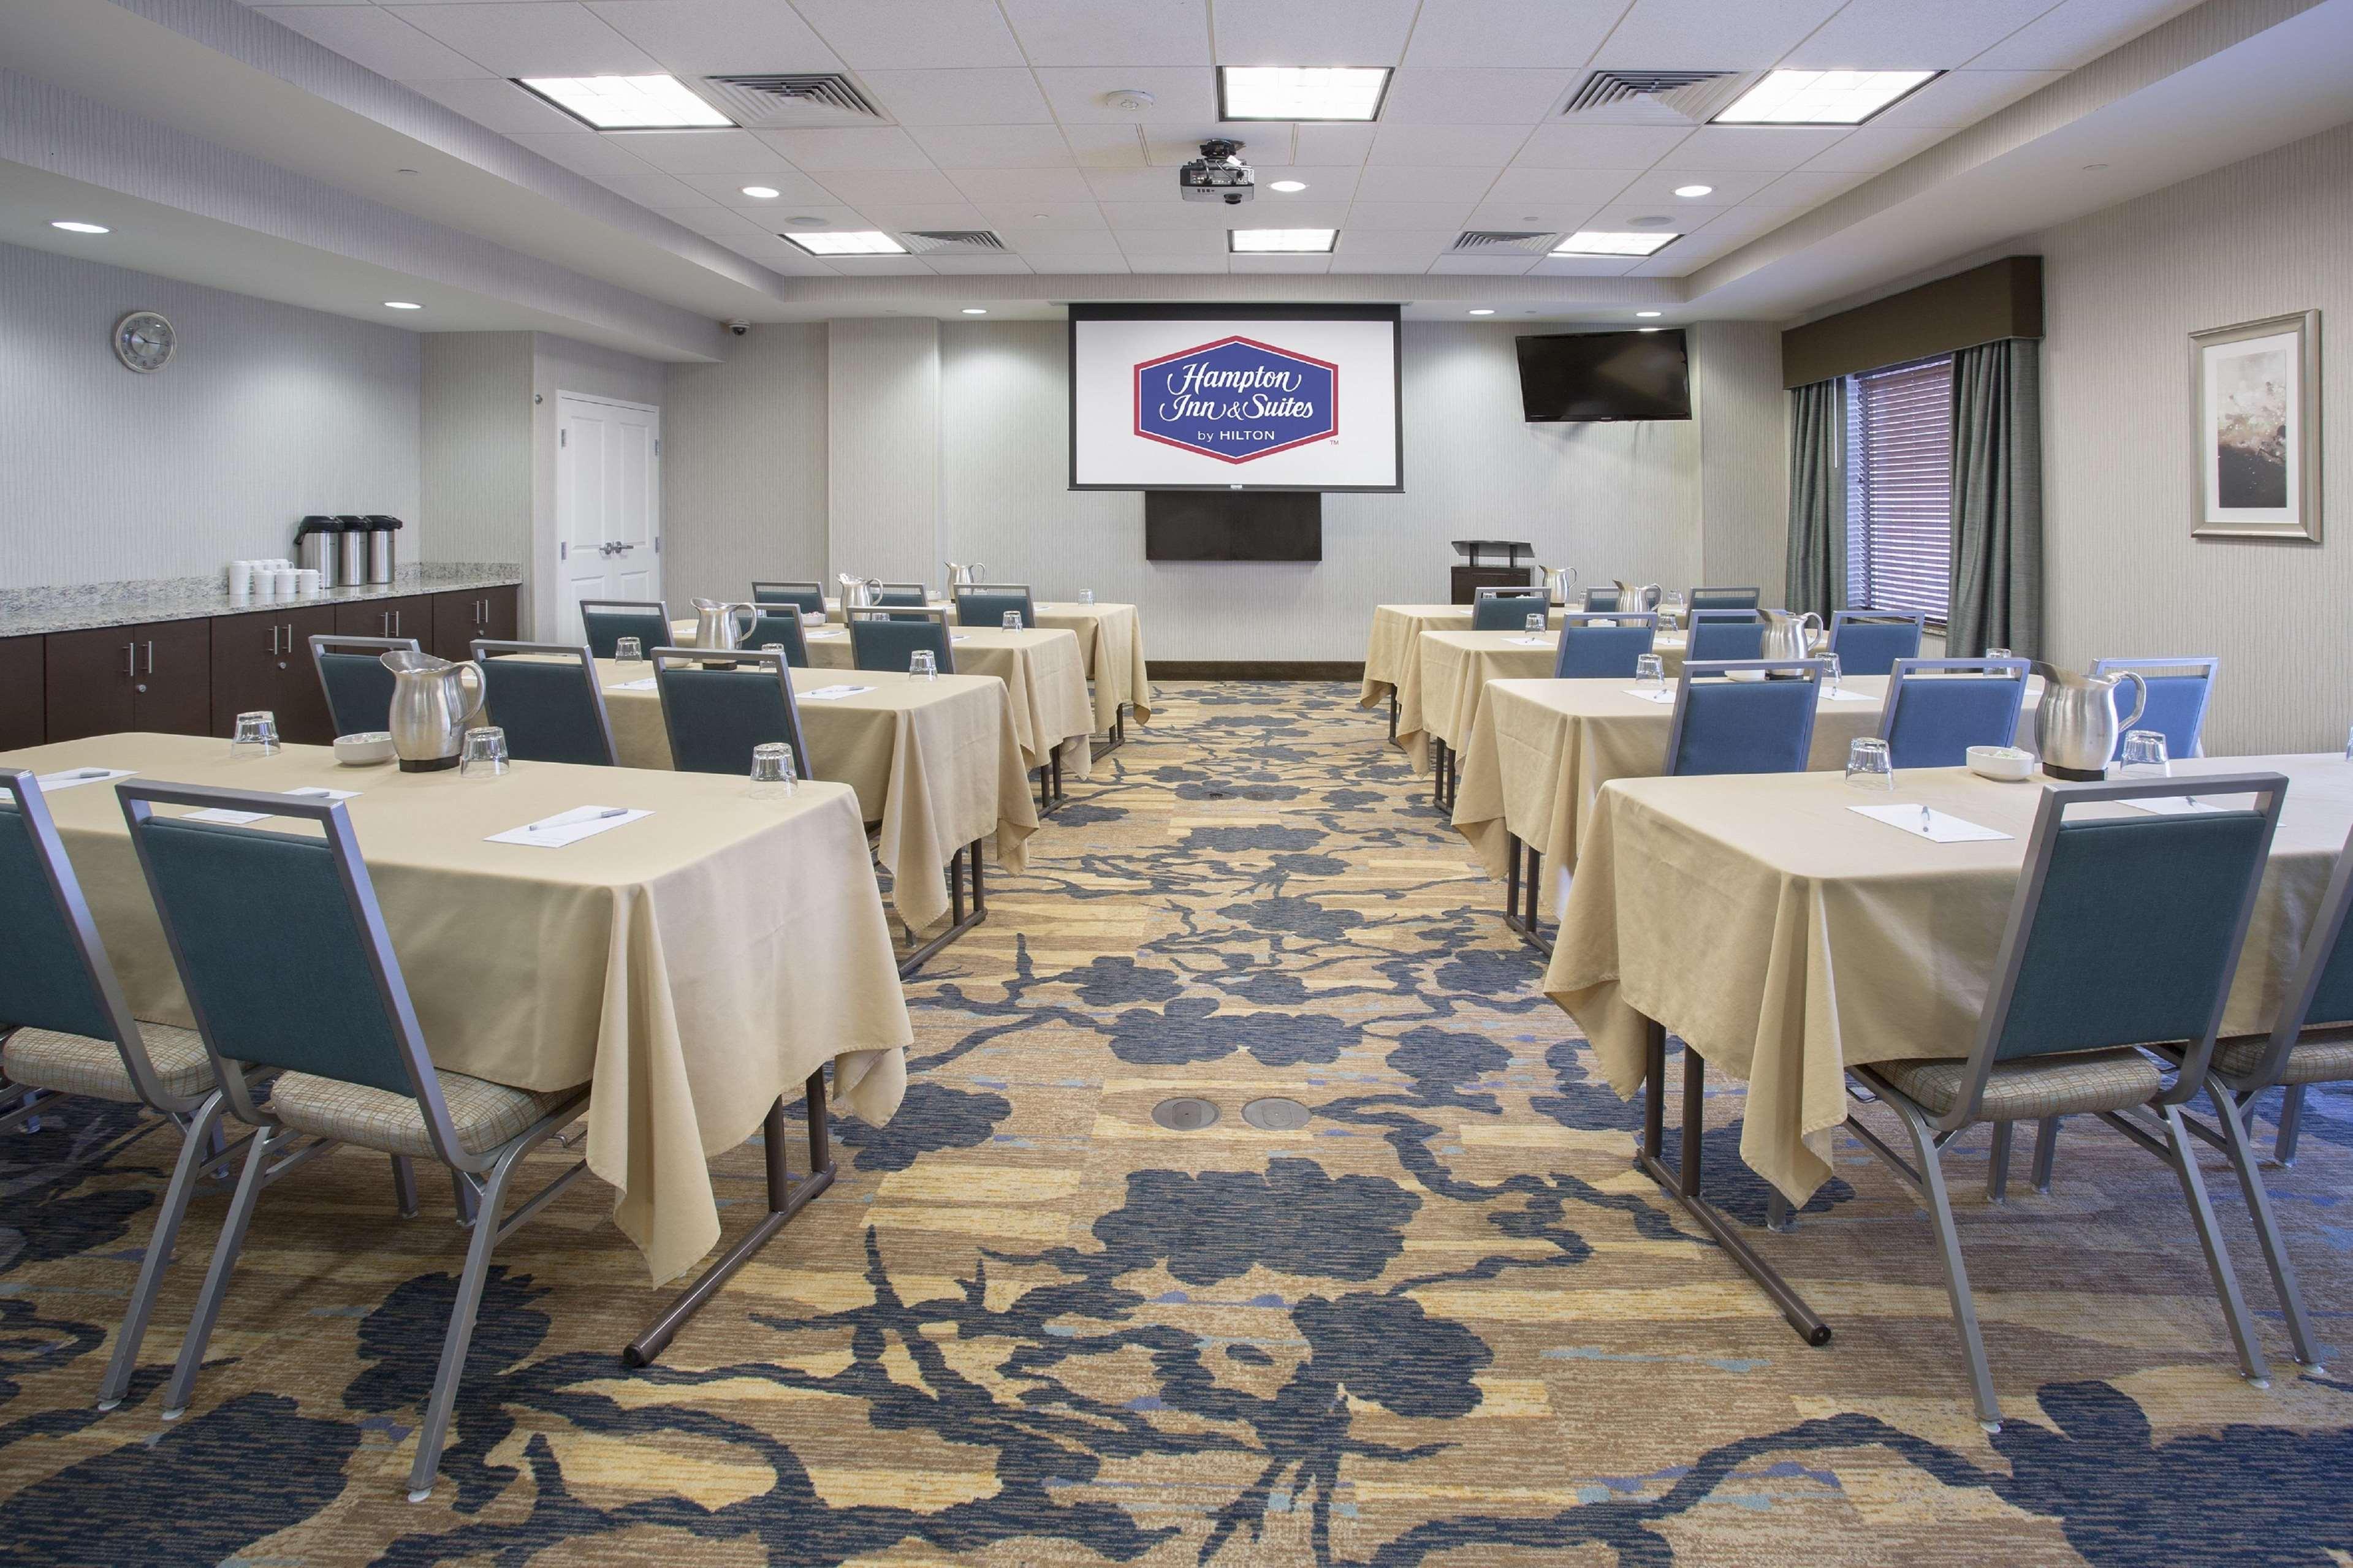 Hampton Inn & Suites Denver/Airport-Gateway Park